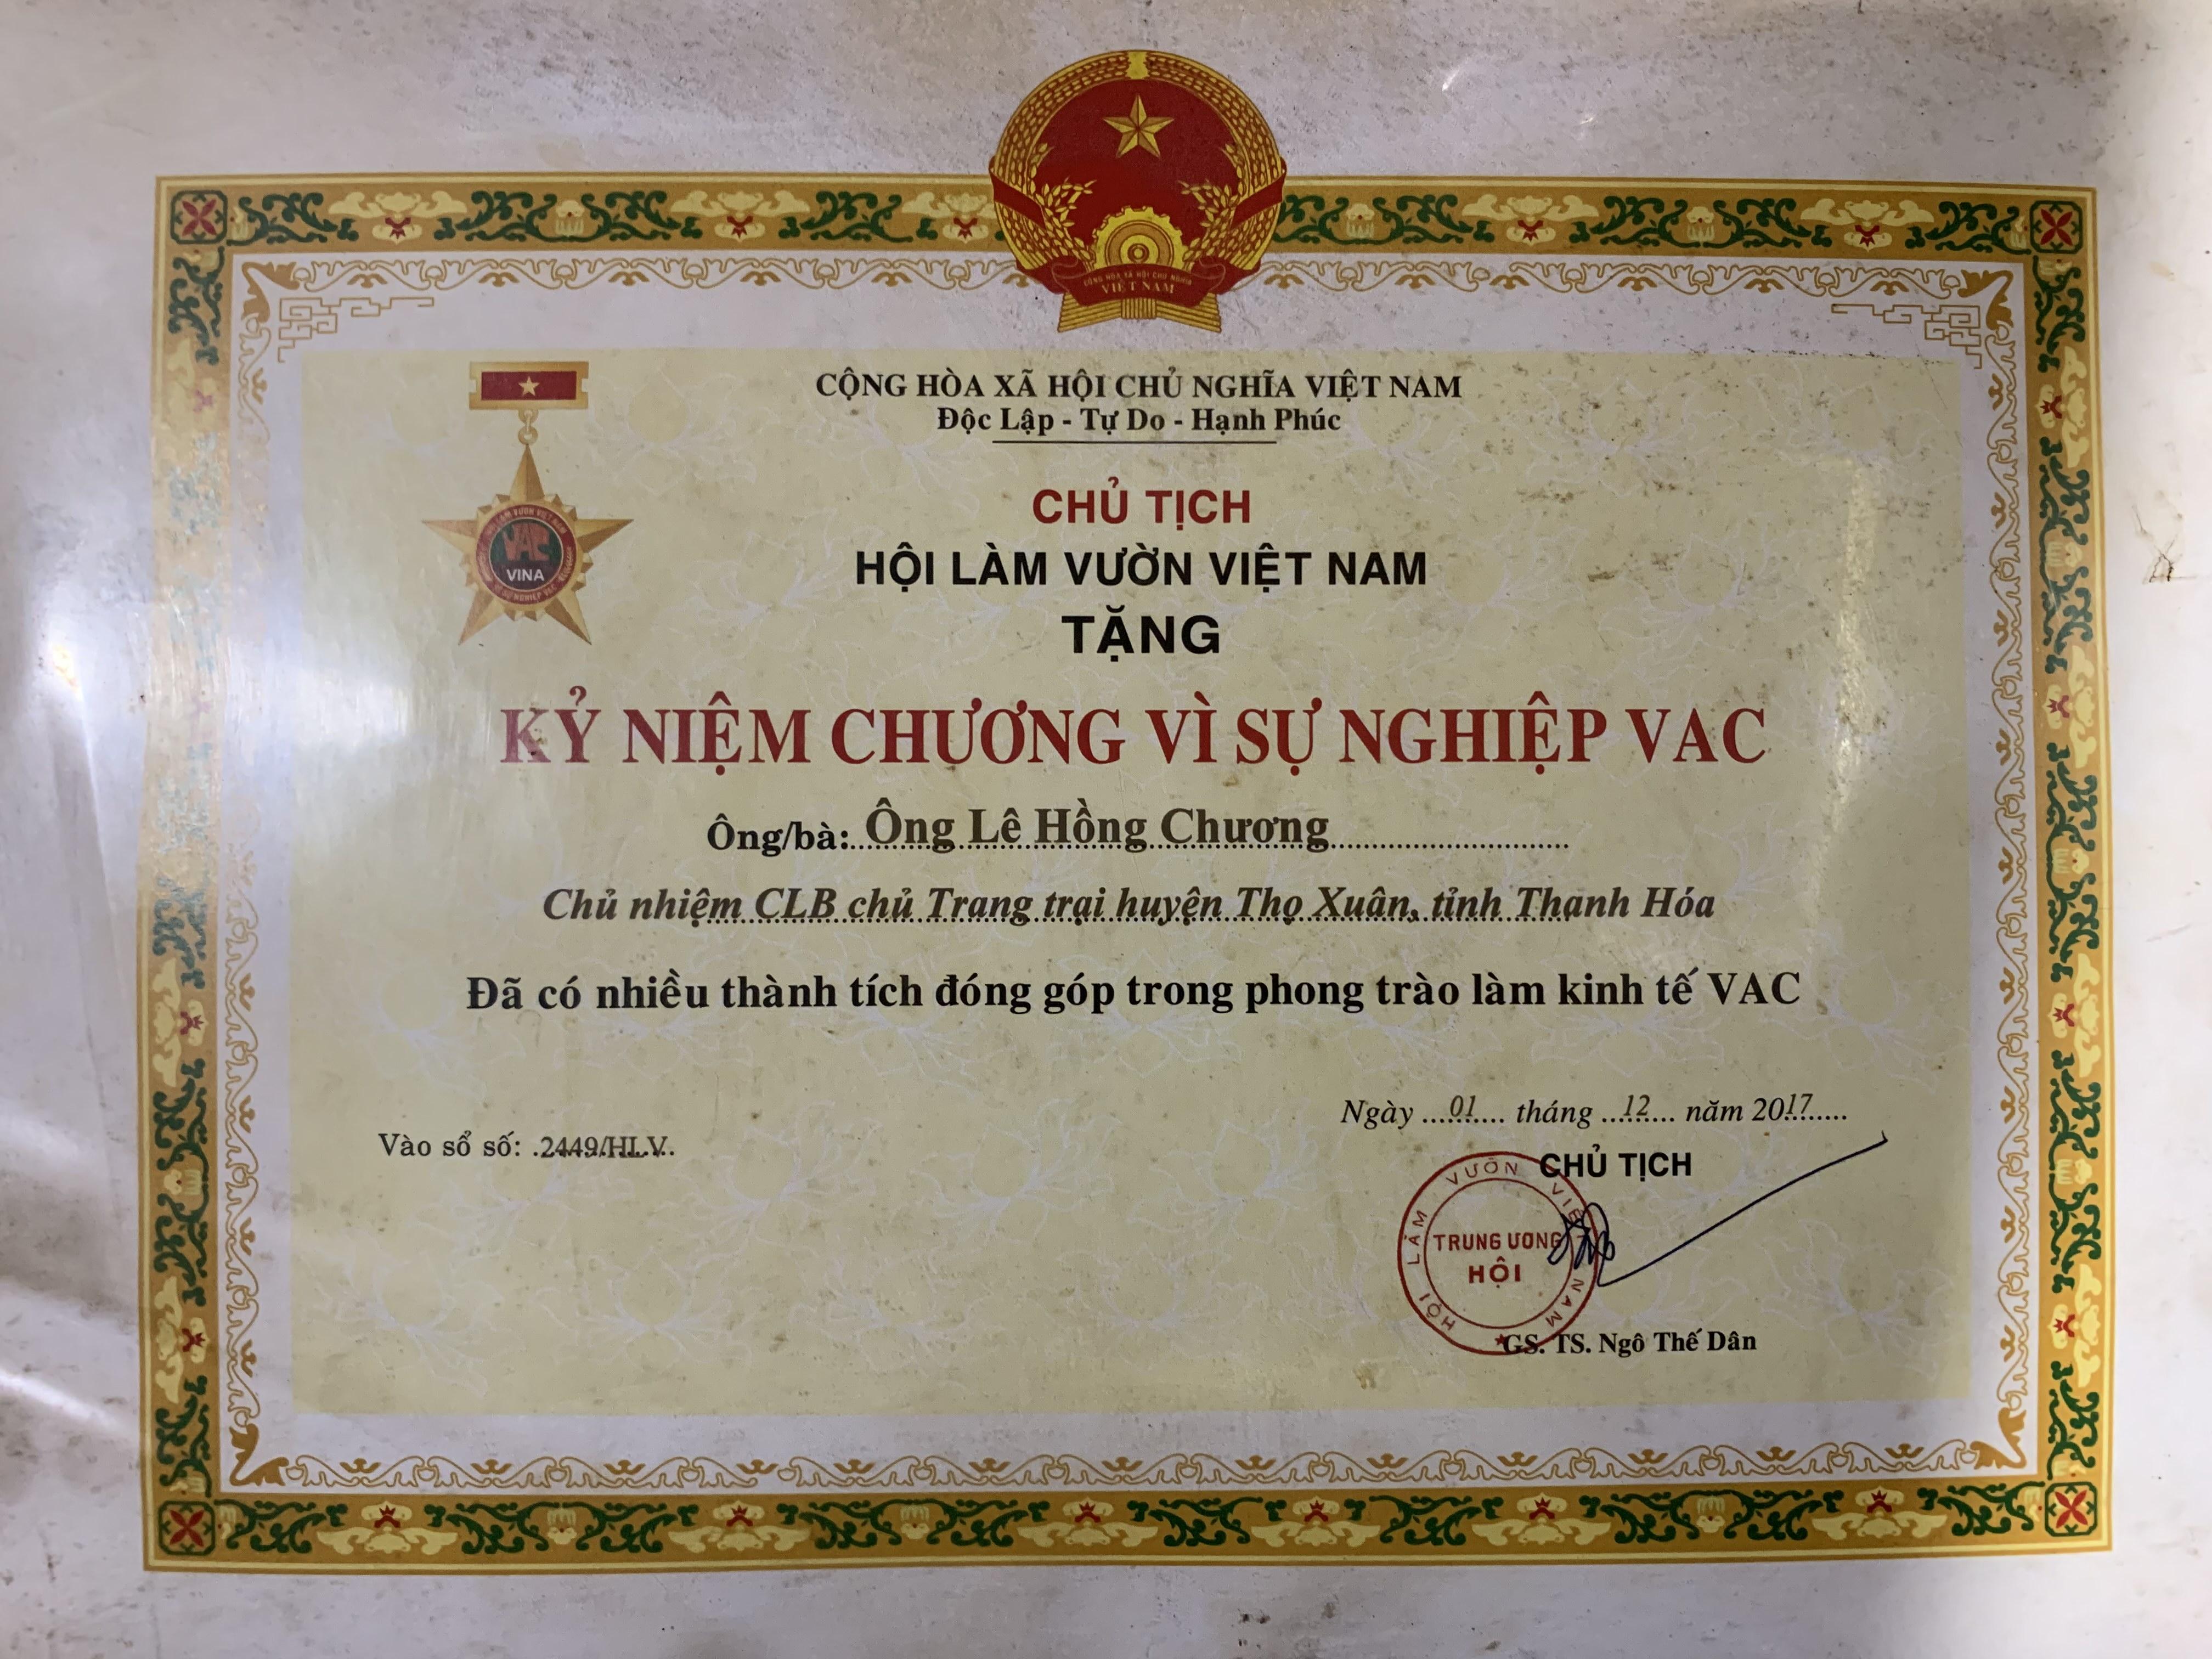 Kỷ niệm chương vì sự nghiệp VAC